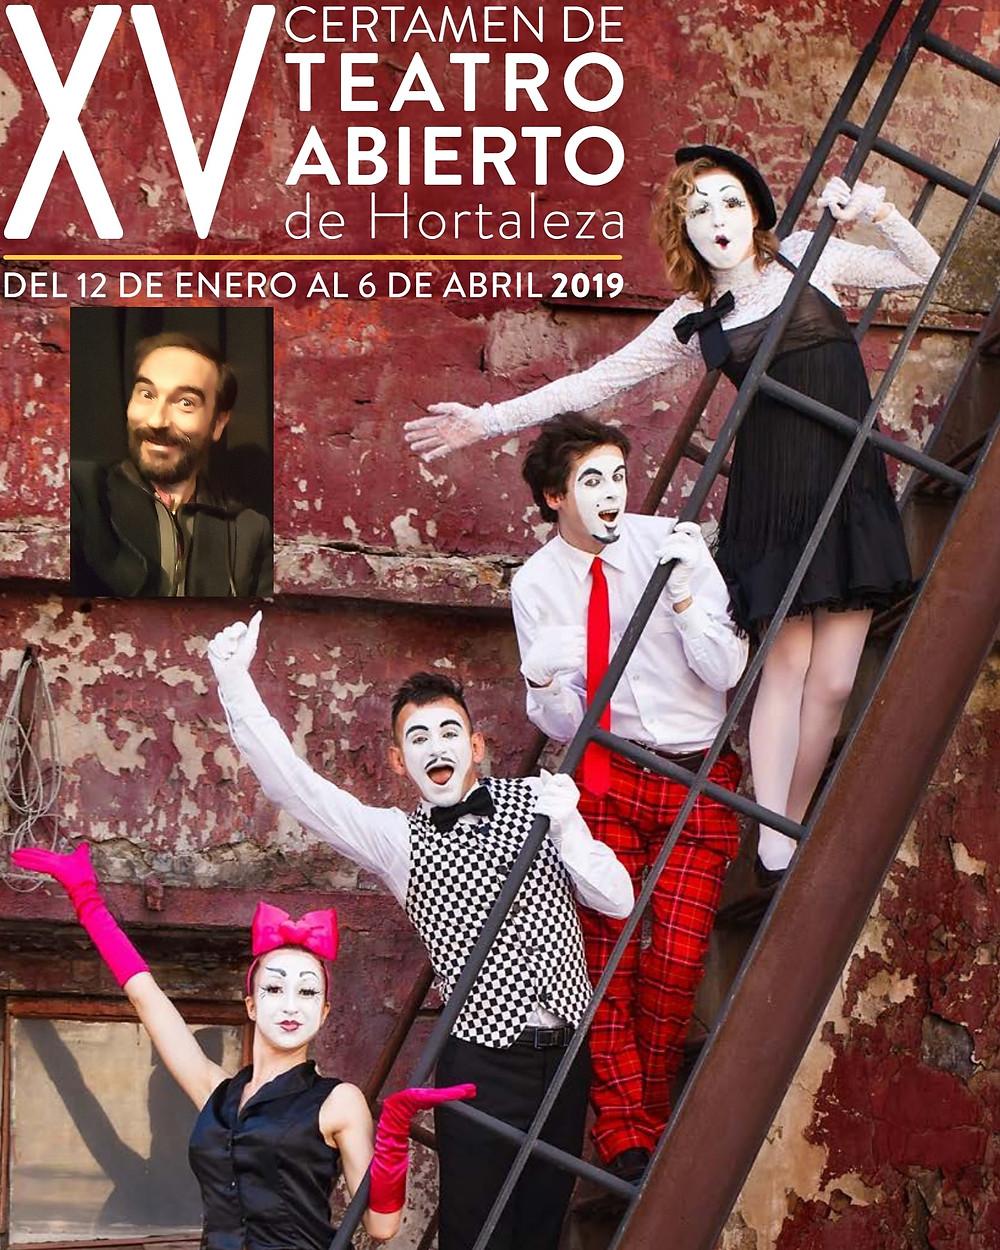 Cartel promocional del XV Certamen de Teatro Abierto de Hortaleza